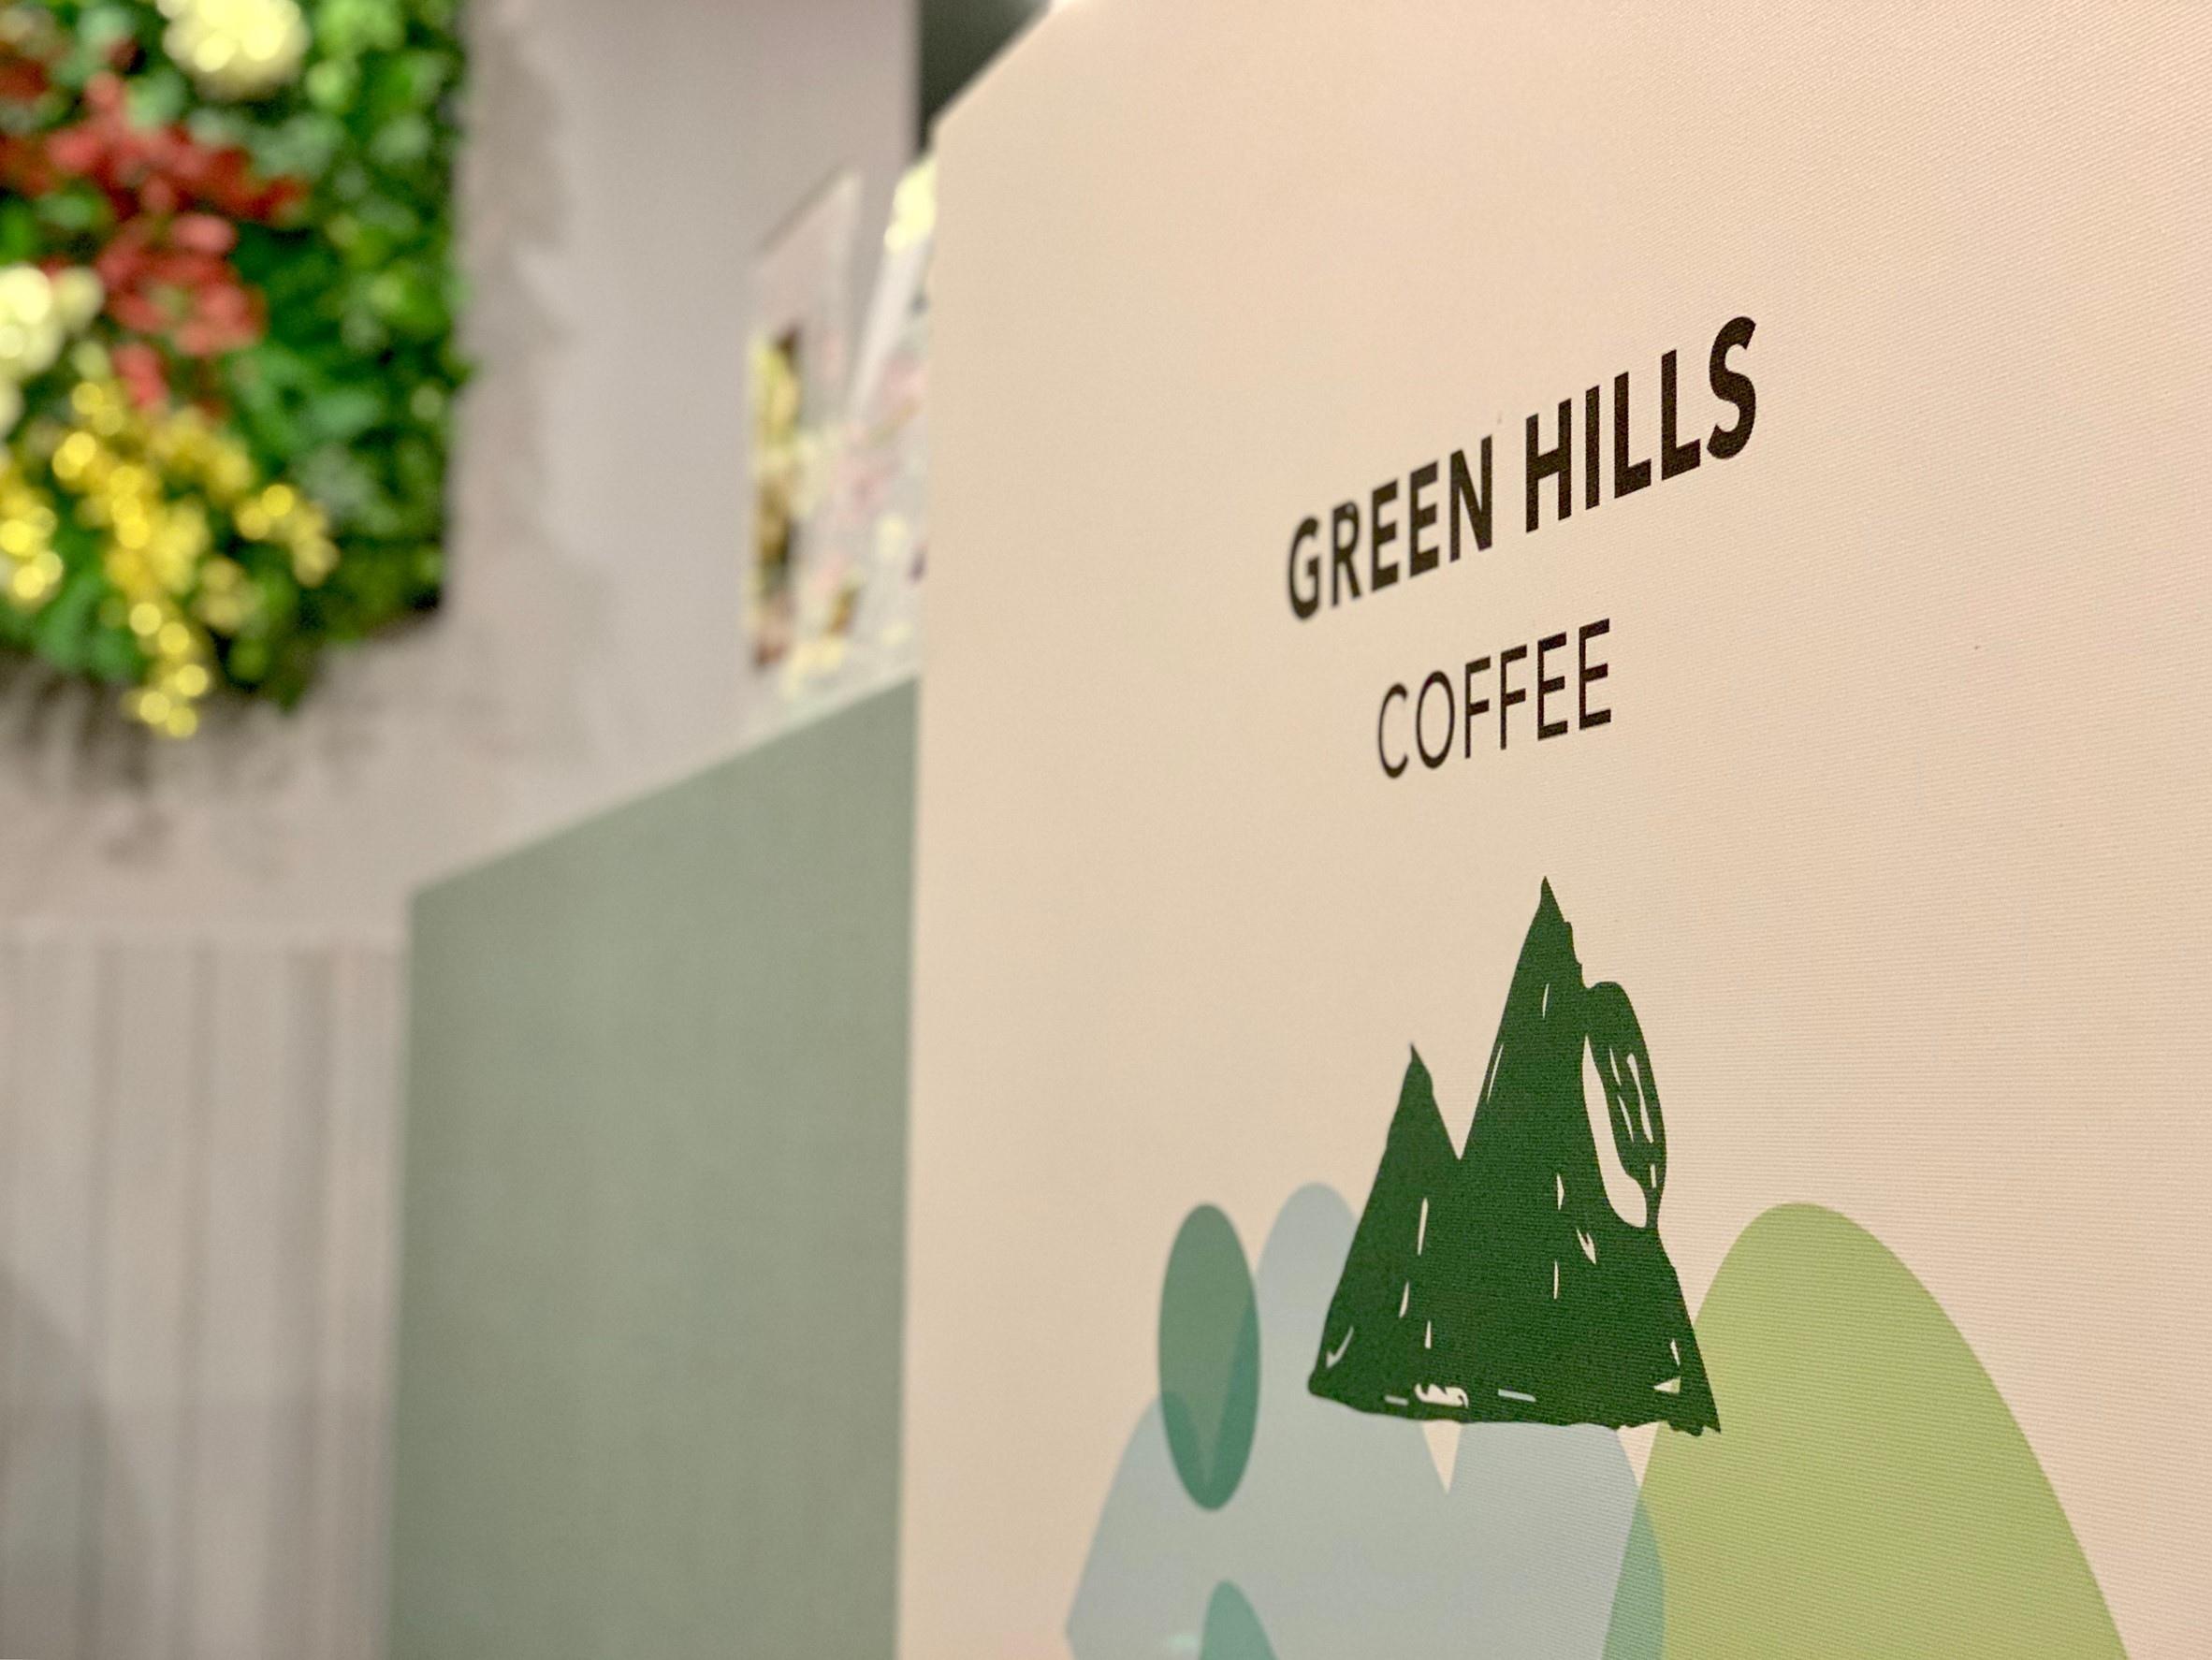 【桃園楊梅】綠山丘鍋物 Green Hills Coffee│精緻鍋物與咖啡廳的完美結合【一個人 一群人都吃得過癮】新鮮海鮮/南非野生龍蝦/Prime/Choice等級極上肉品高貴不貴,平價奢華享受